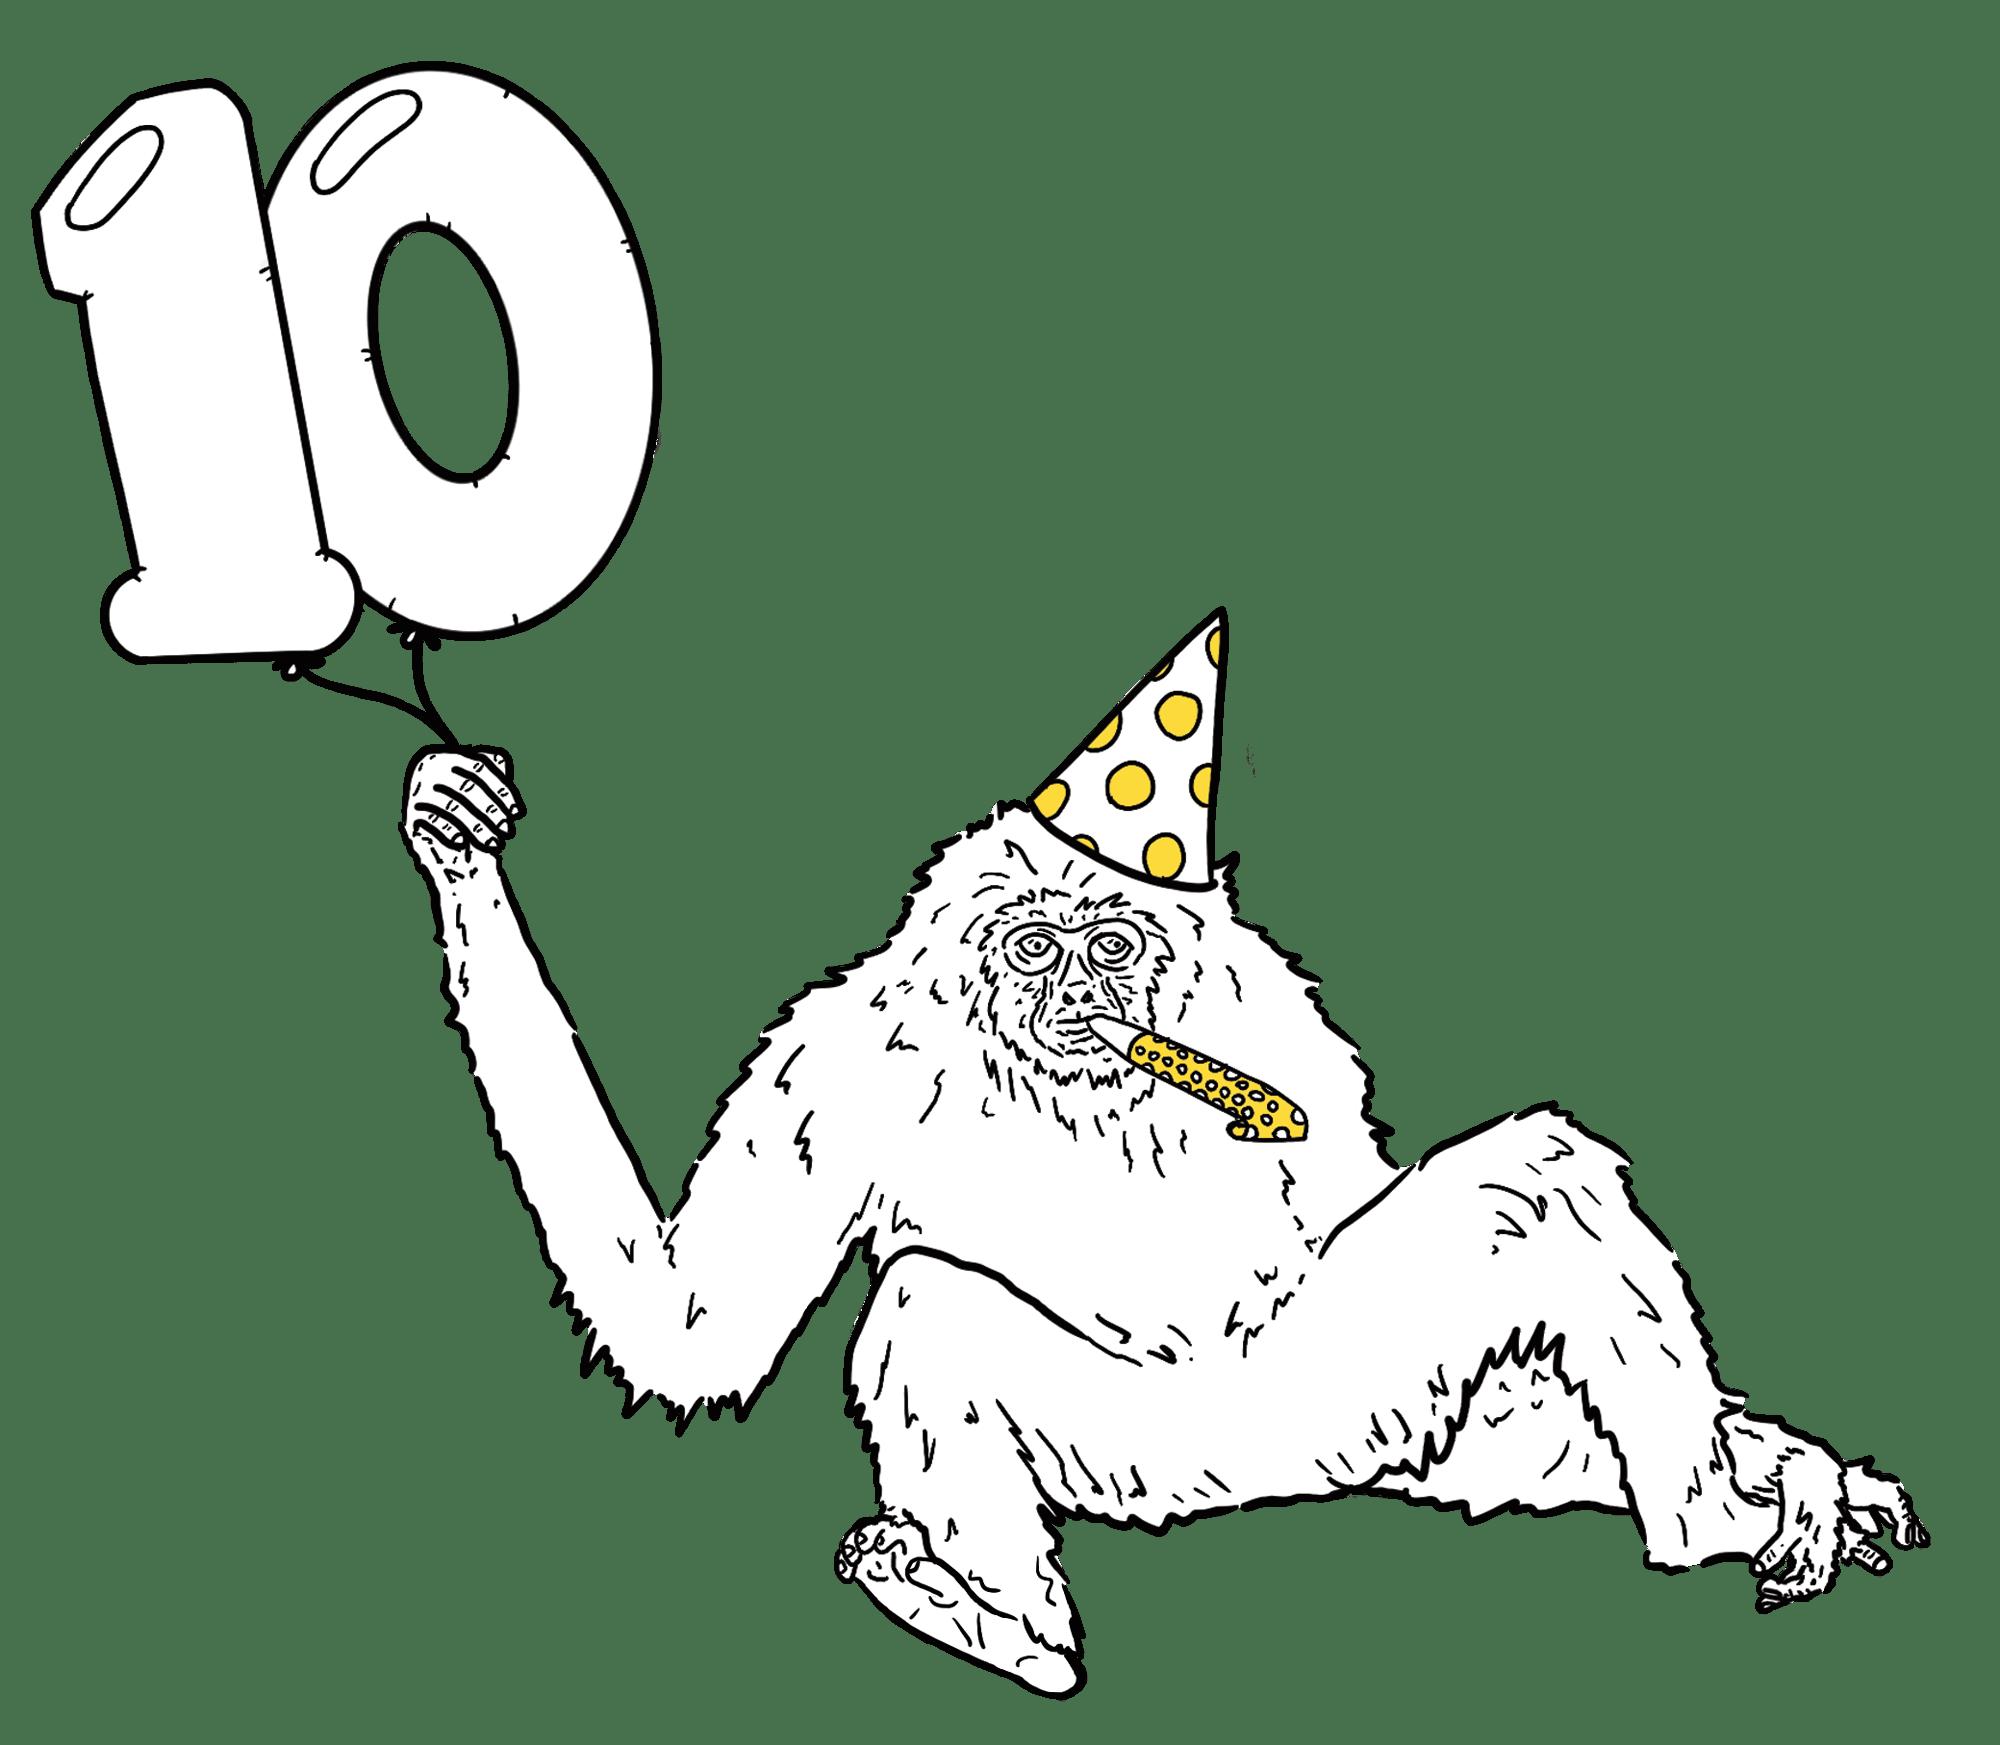 Birthday monkey!